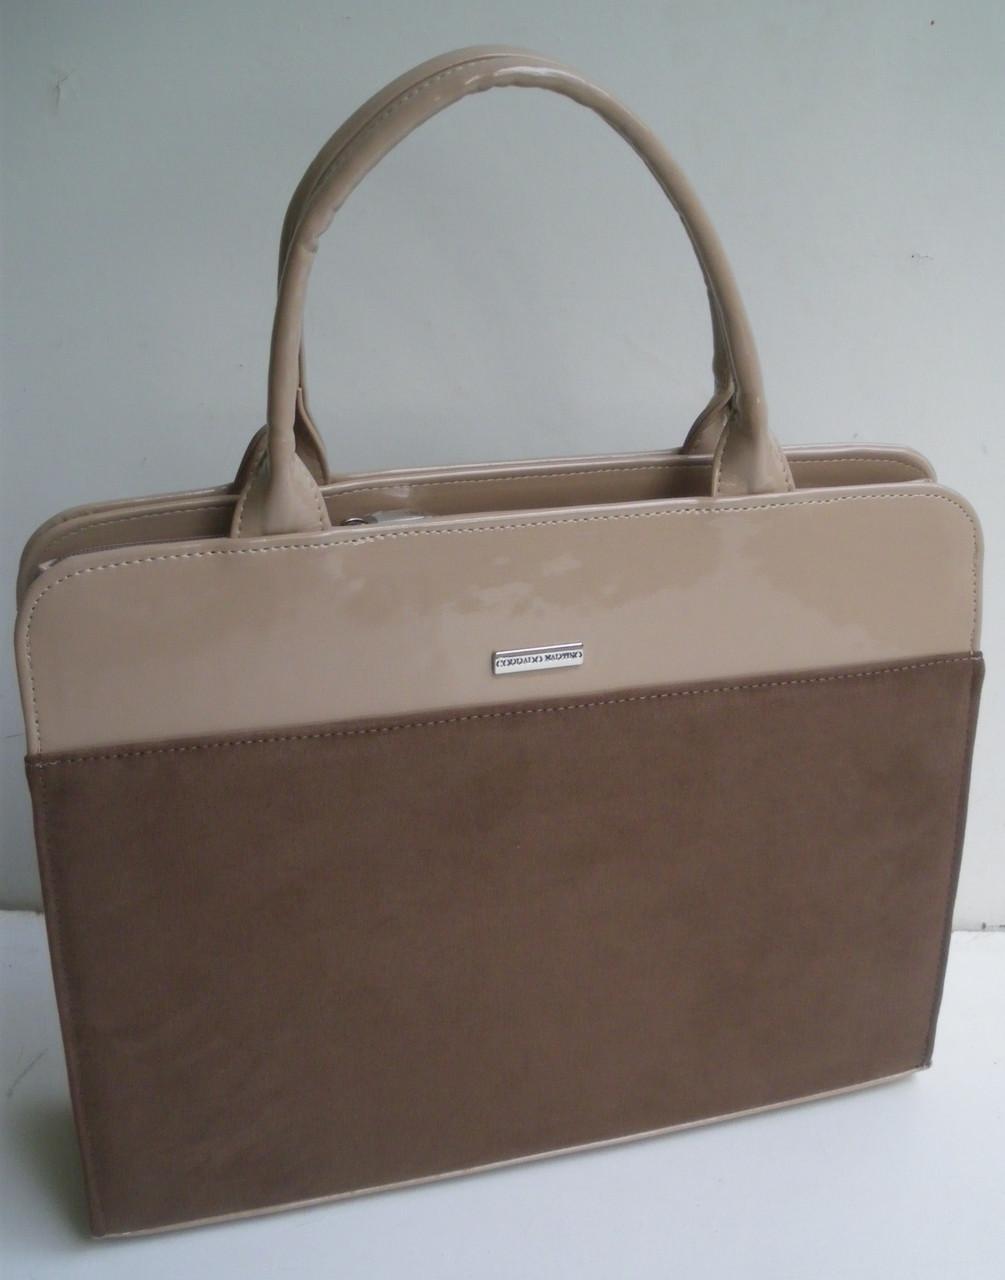 1bd156a7e270 Женская сумка-портфель для документов и ноутбука Corrado Martino. -  Чемоданчик в Закарпатской области